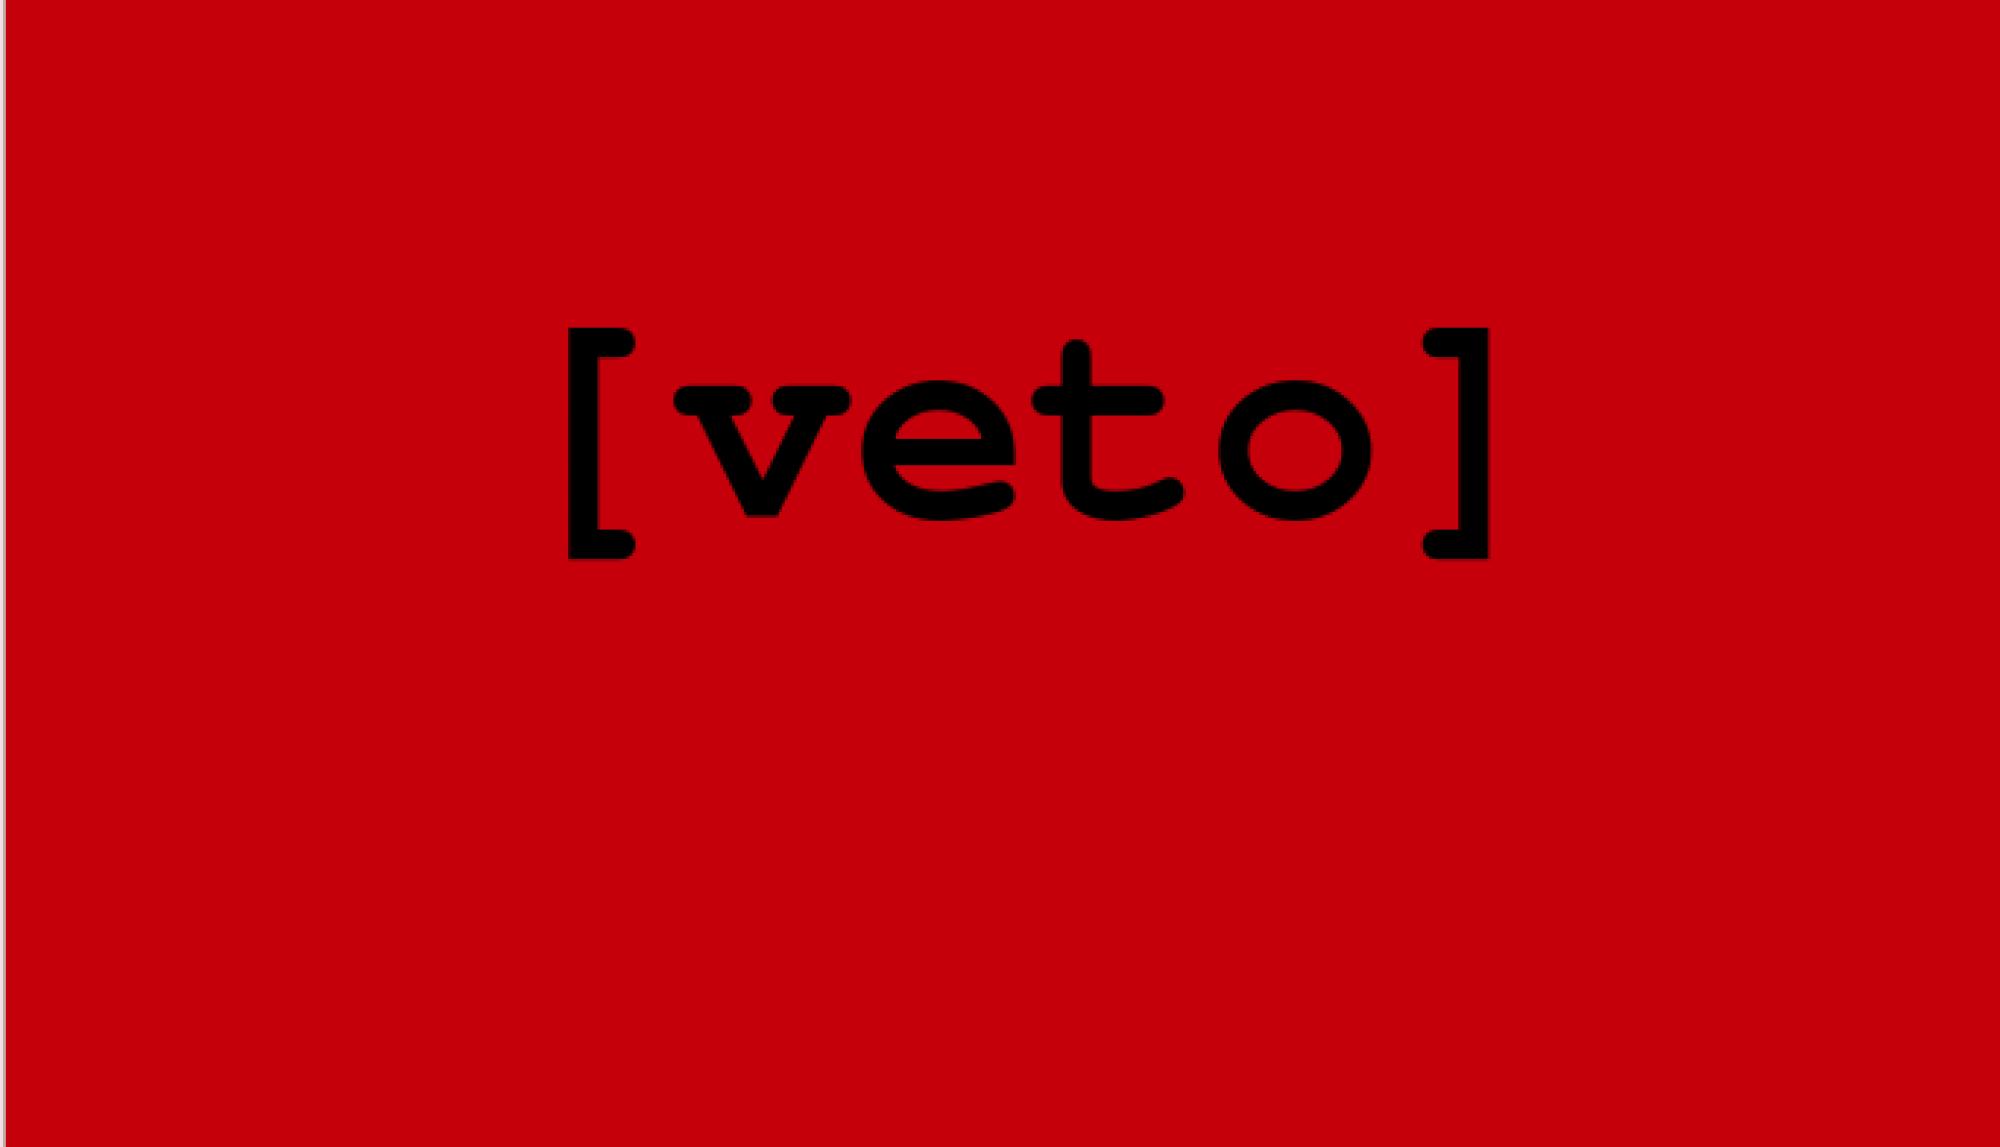 [veto]